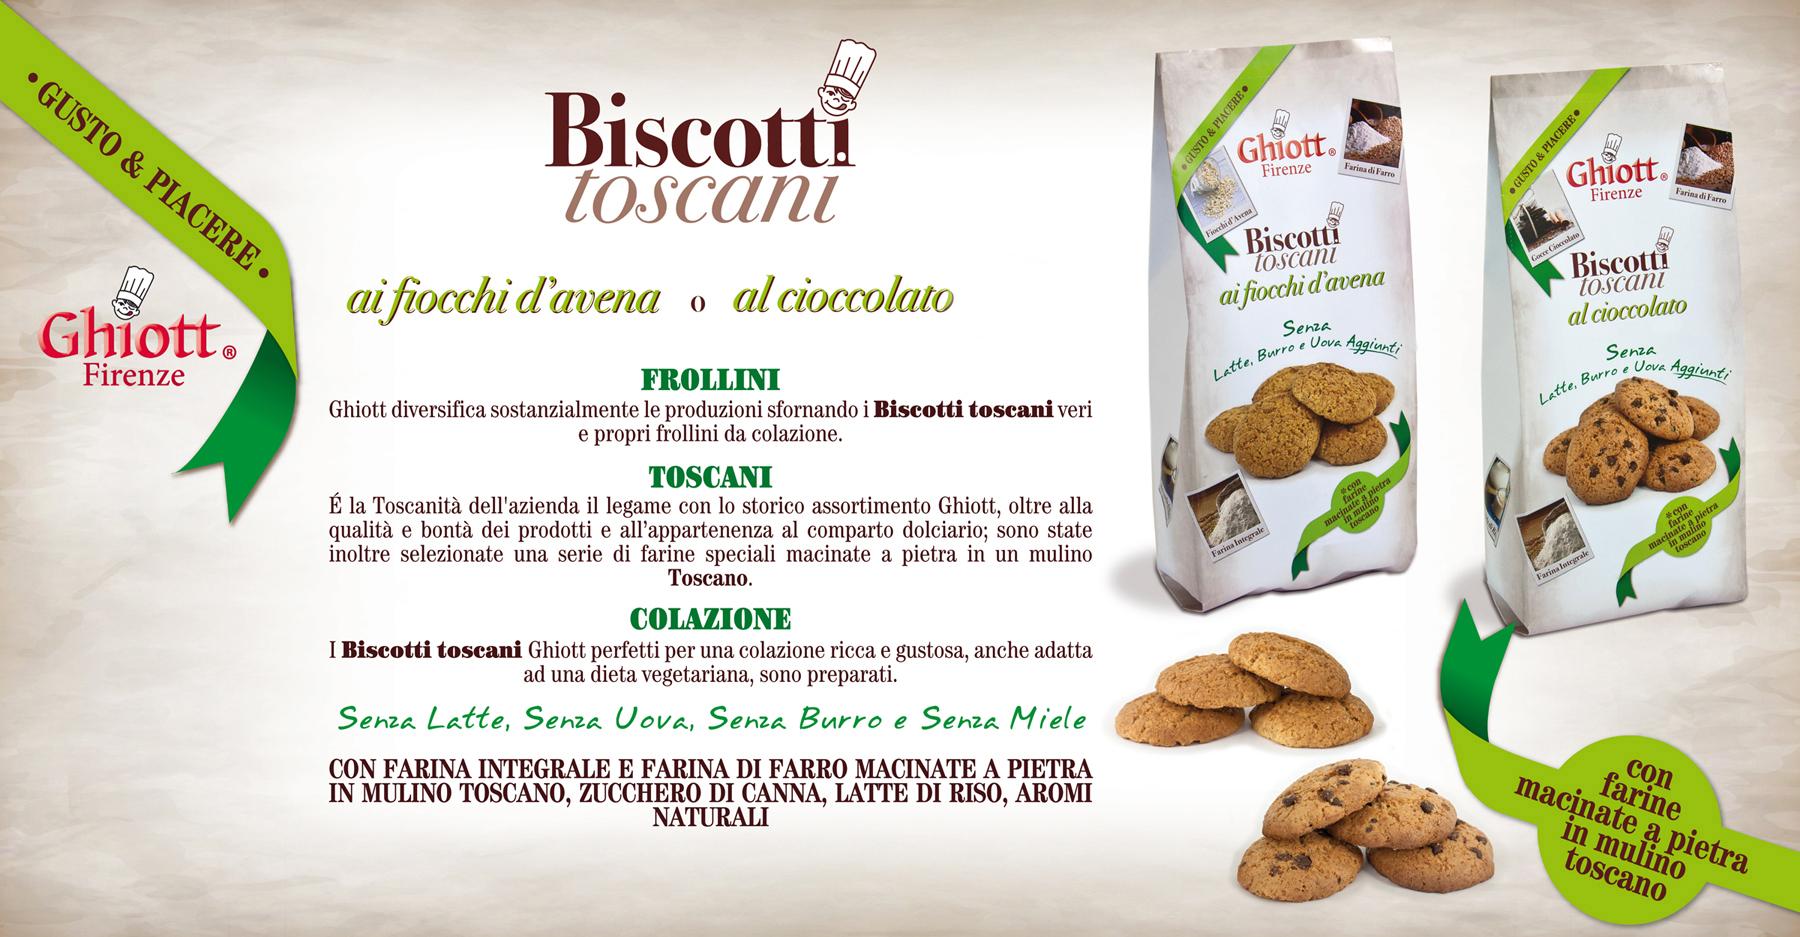 Ghiott Presenta i nuovi frollini da colazione Biscotti Toscani Gusto & Piacere